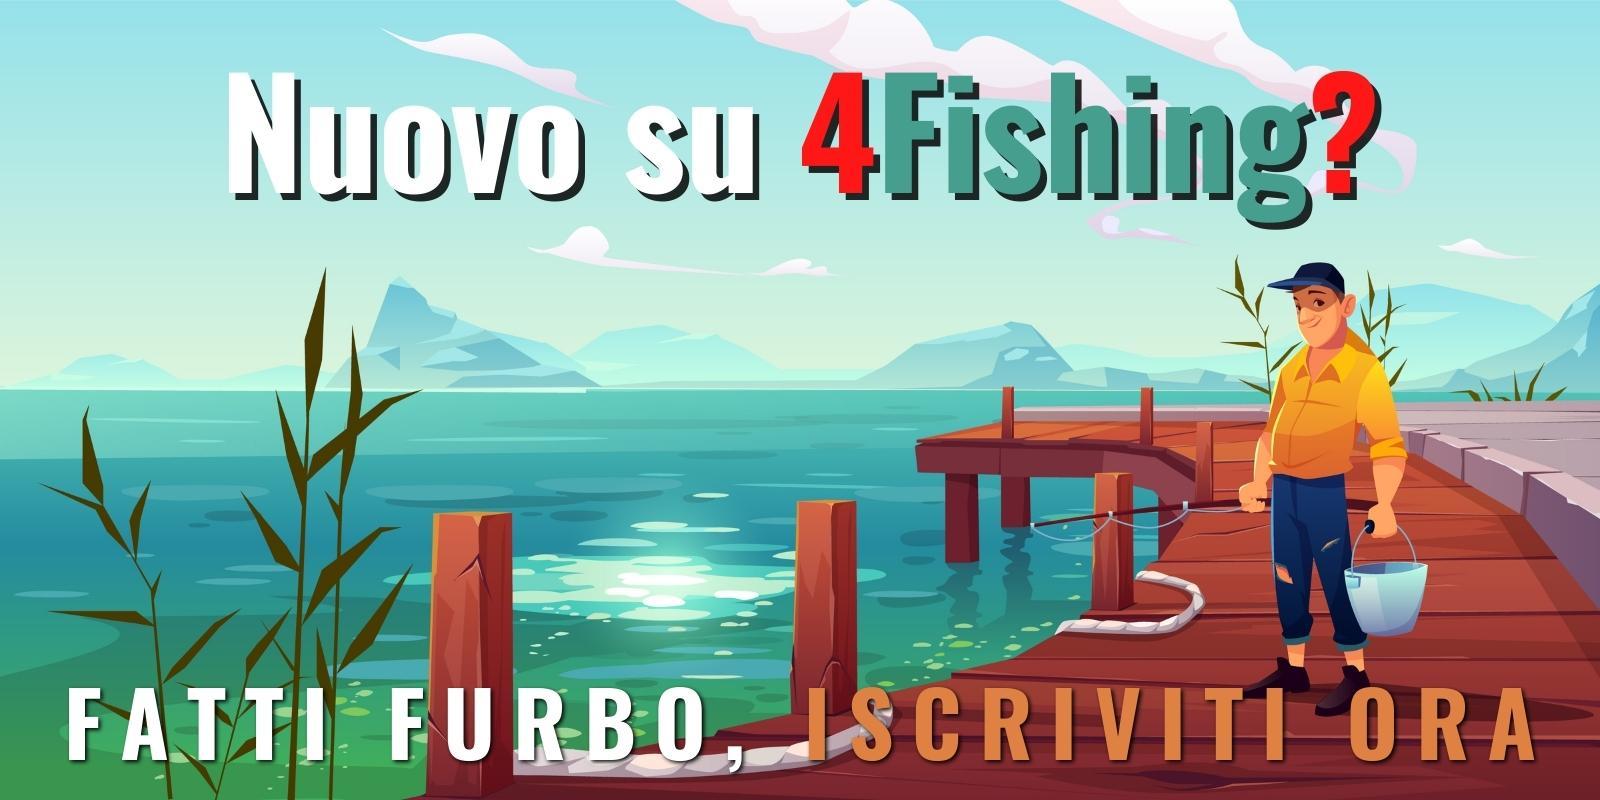 Sconto extra primo acquisto negozio pesca online